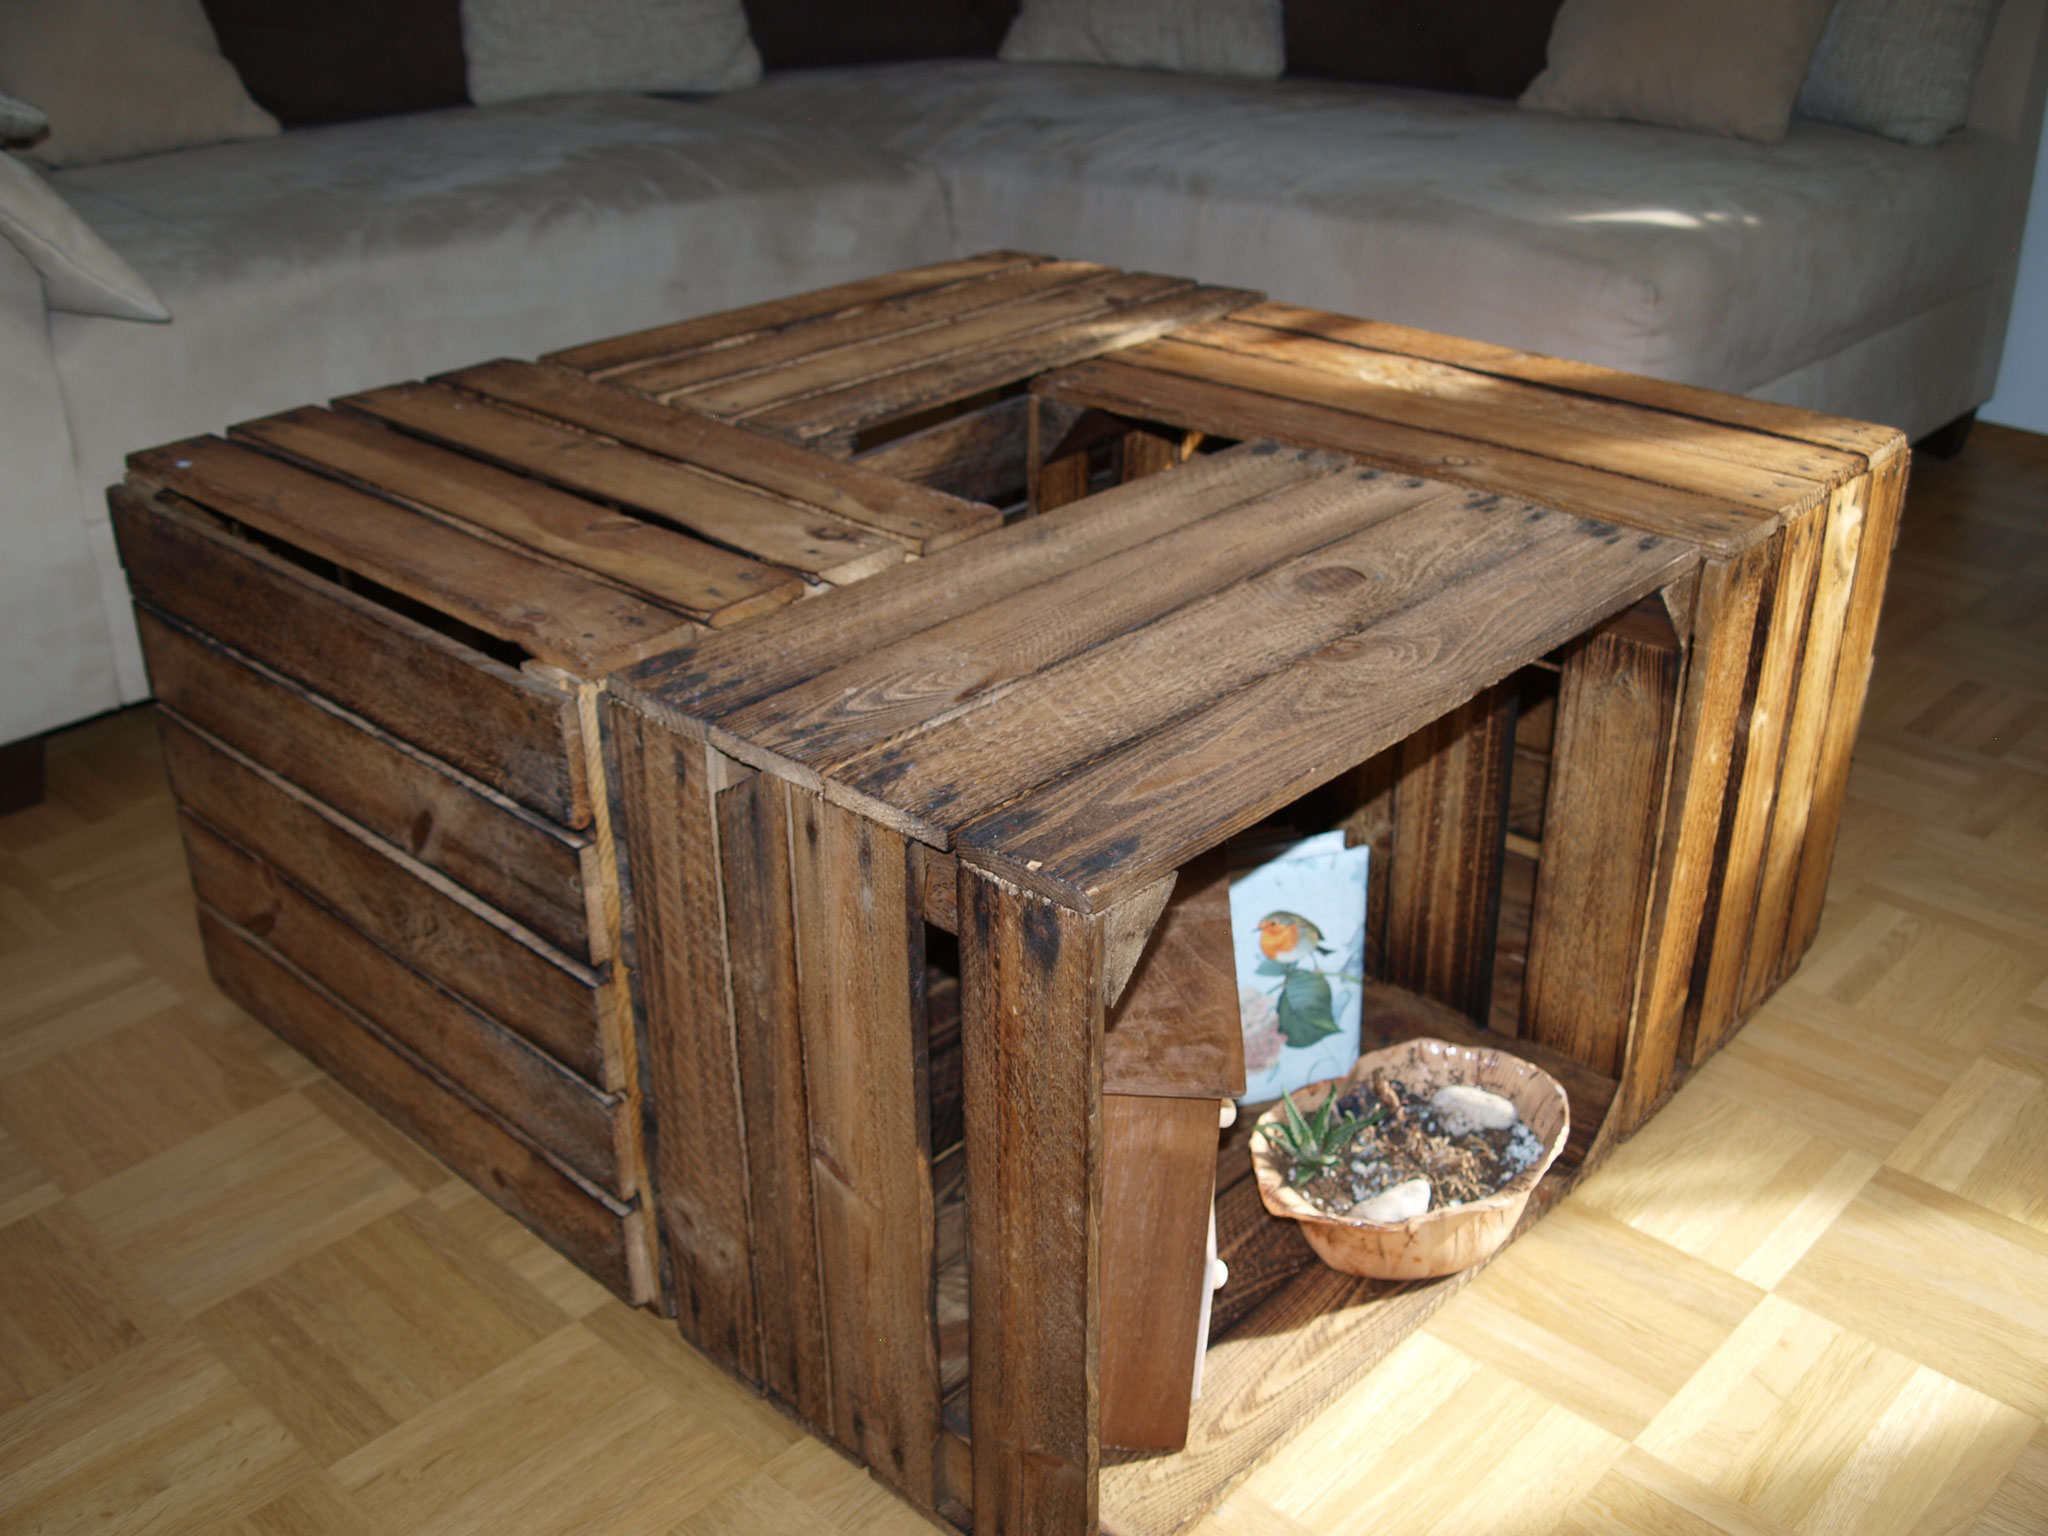 couchtisch aus obstkisten trendy couchtisch selber bauen obstkisten frisch aus paletten obi. Black Bedroom Furniture Sets. Home Design Ideas